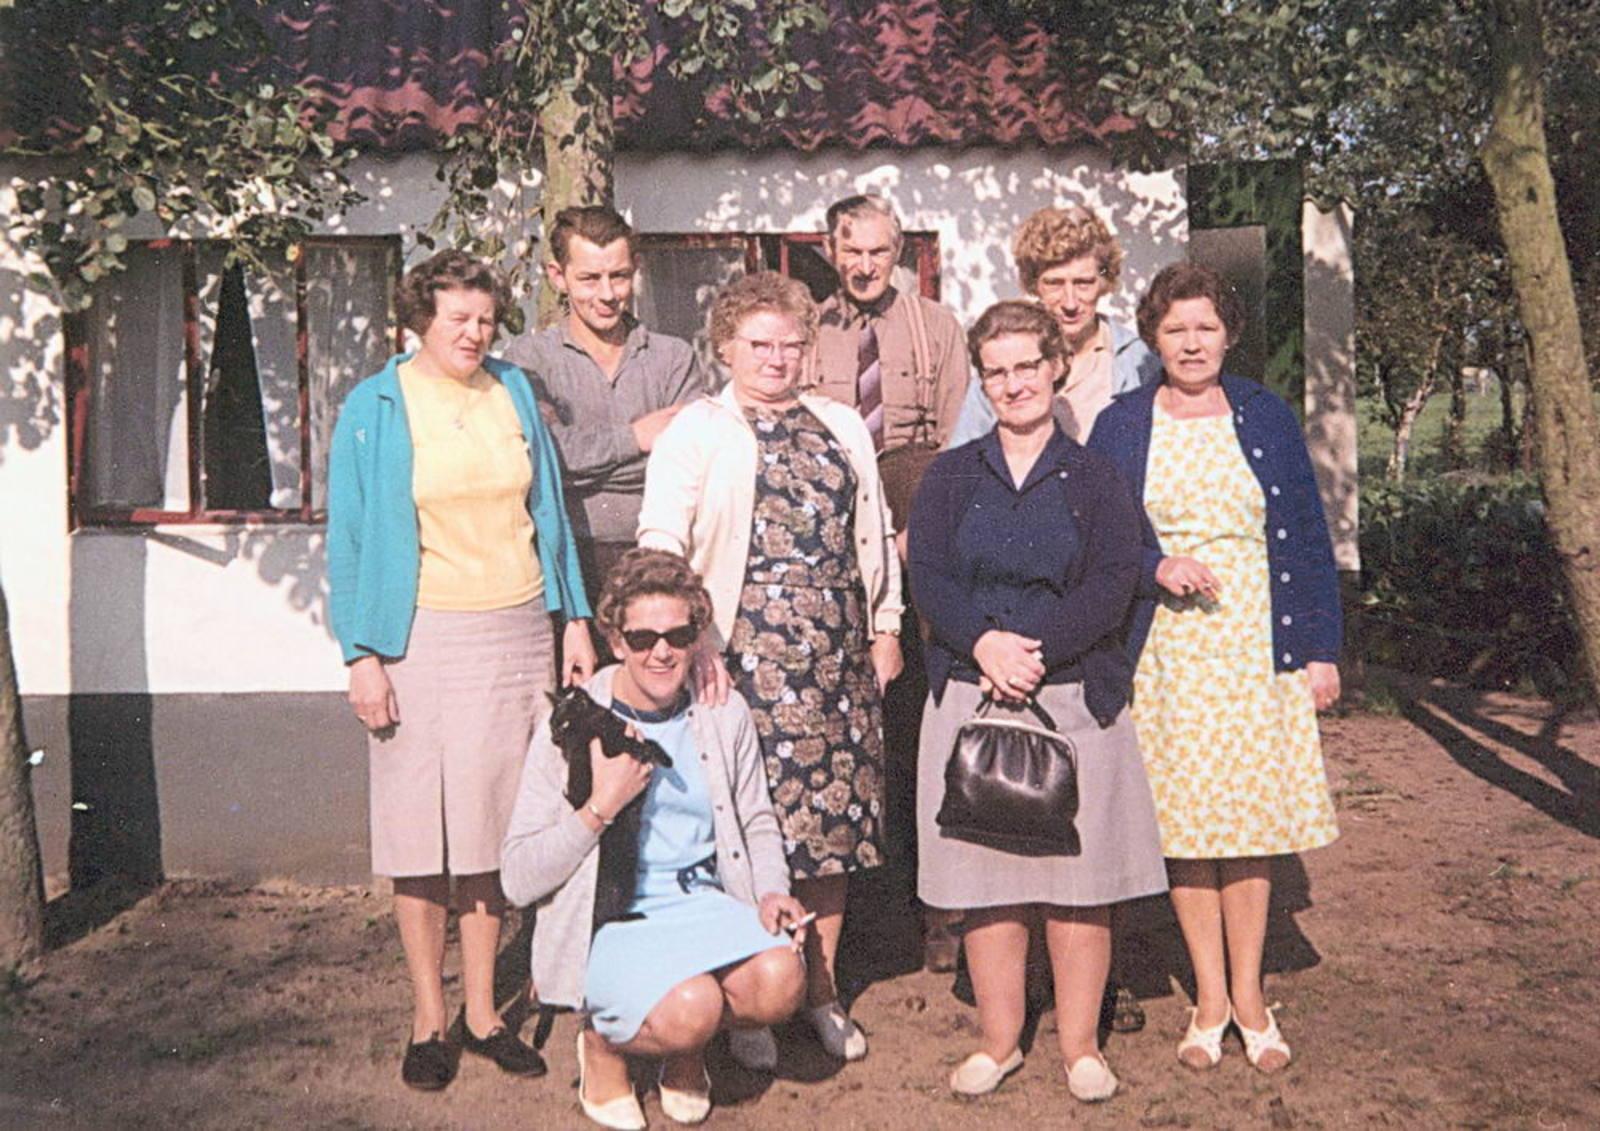 Imanse - Bliek Leentje 1920 1967 10 met Kaartclub de Jokervrouwen in Putten 03